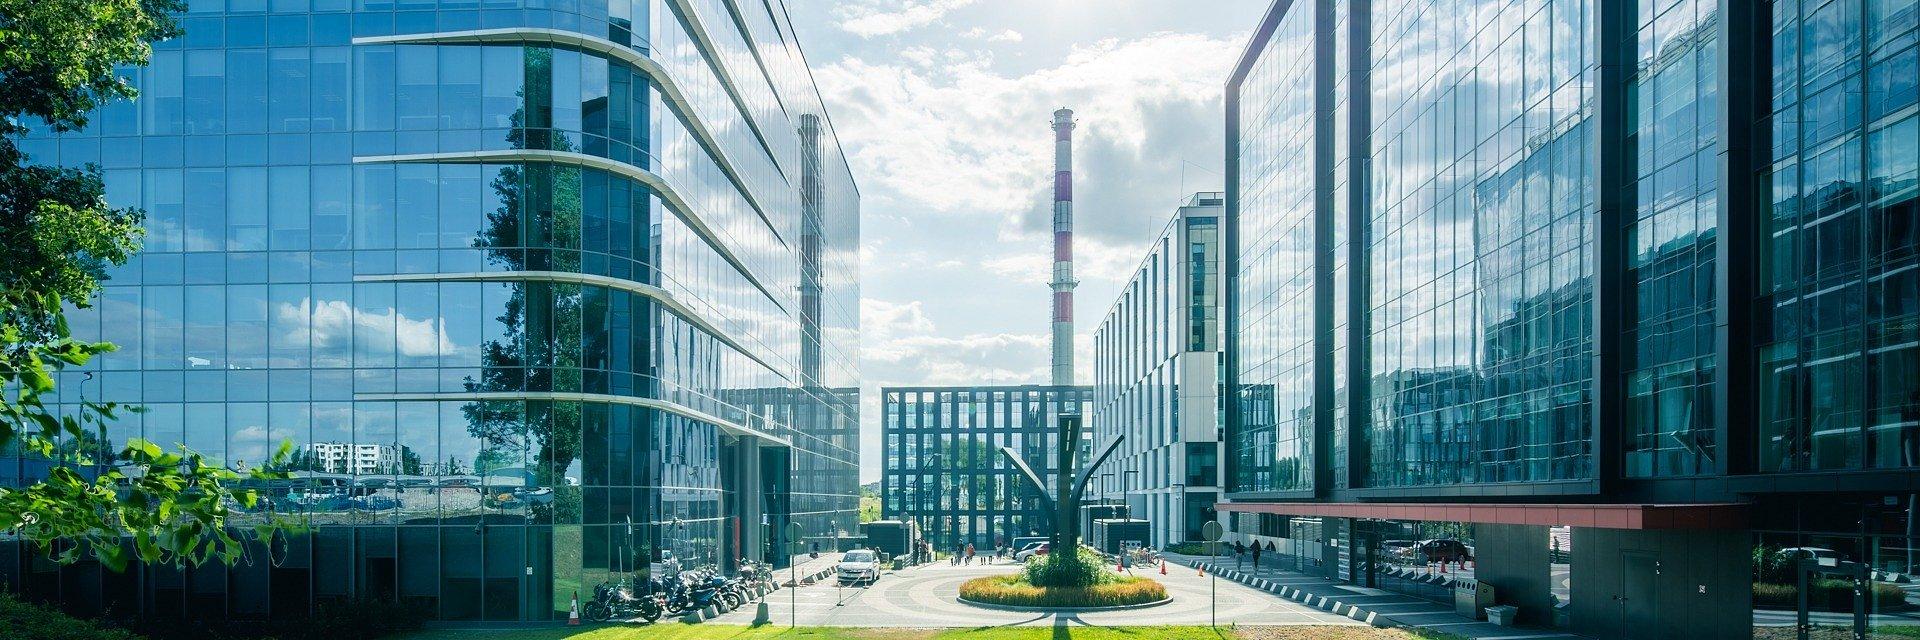 Krakowski rynek biurowy rośnie pomimo pandemii, firmy zostają w stolicy Małopolski